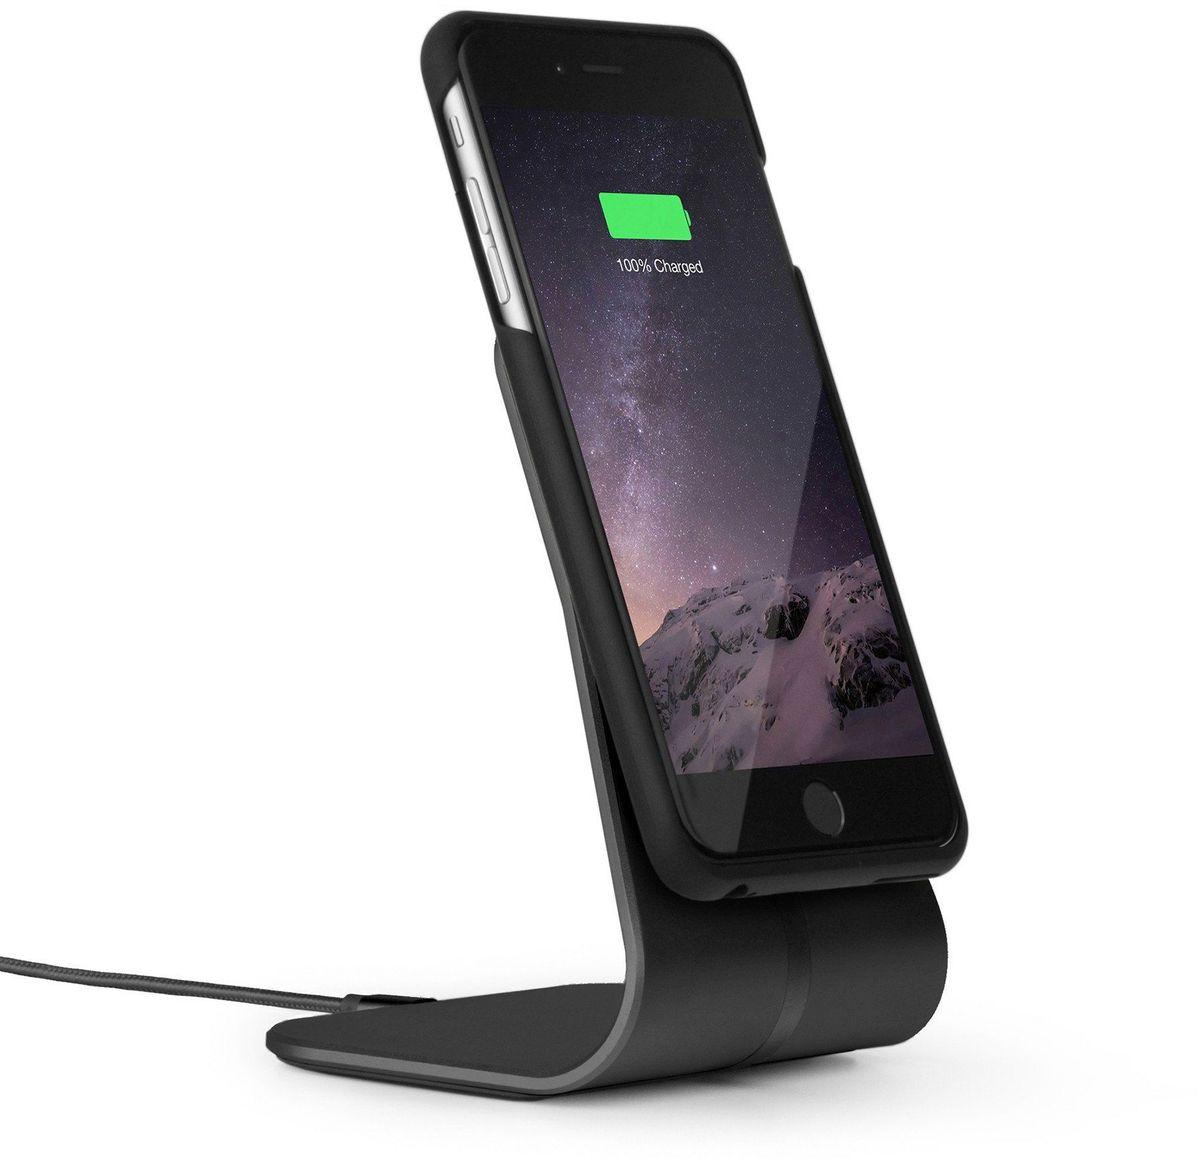 Xvida Charging Office Kit, Black беспроводное зарядное устройство для iPhone 7 Plus (WOKIS-01B-EU) - Зарядные устройства